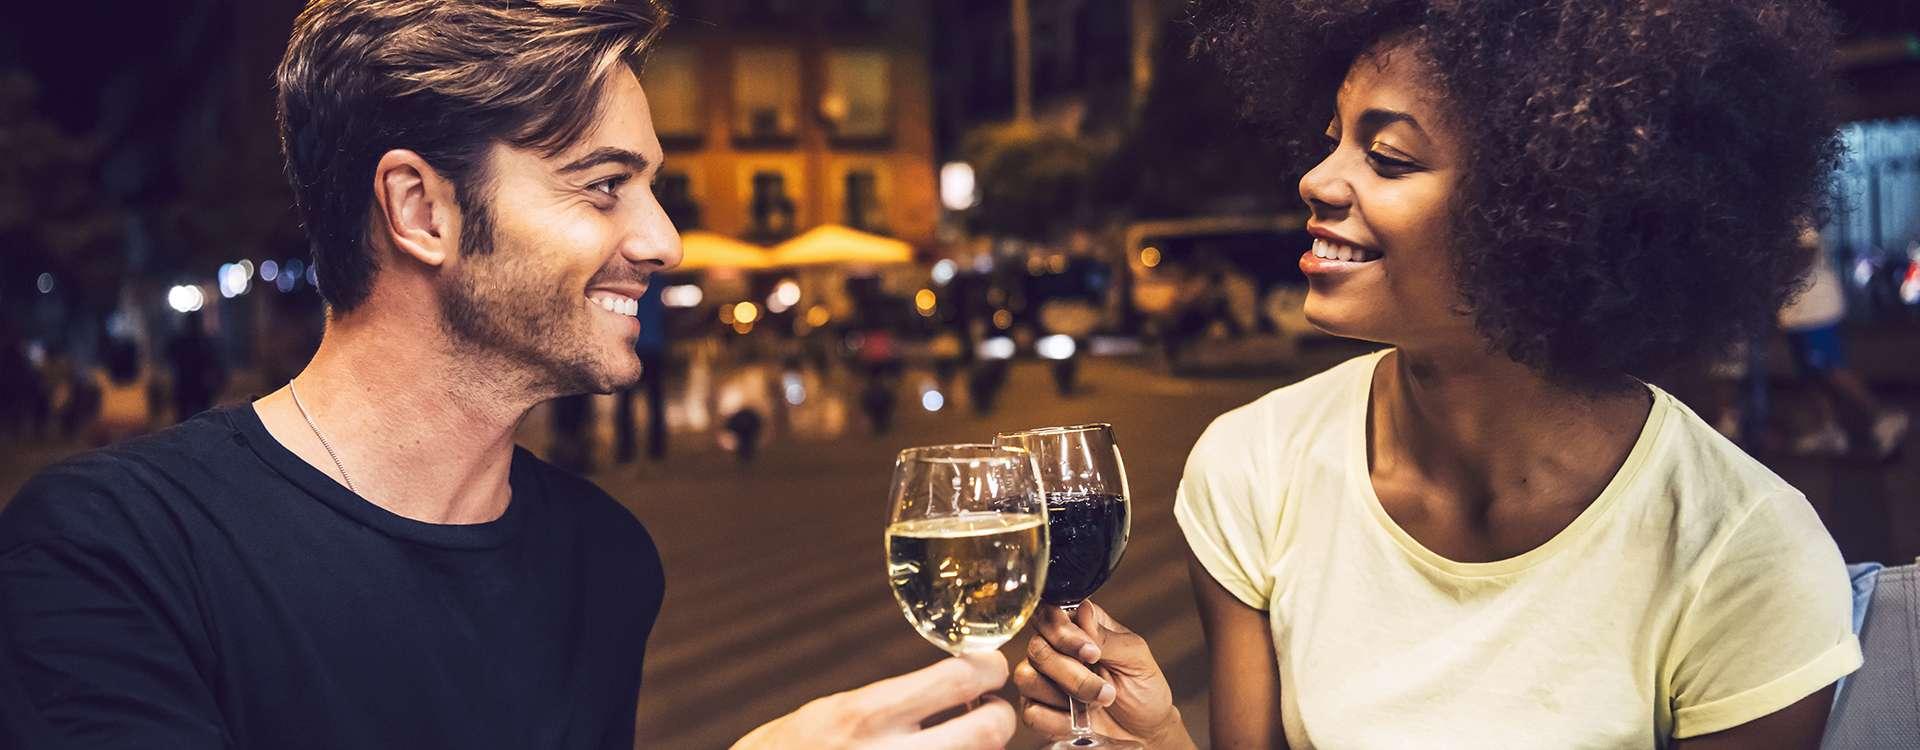 Rencontrer des célibataires alors que tous vos amis sont en couple